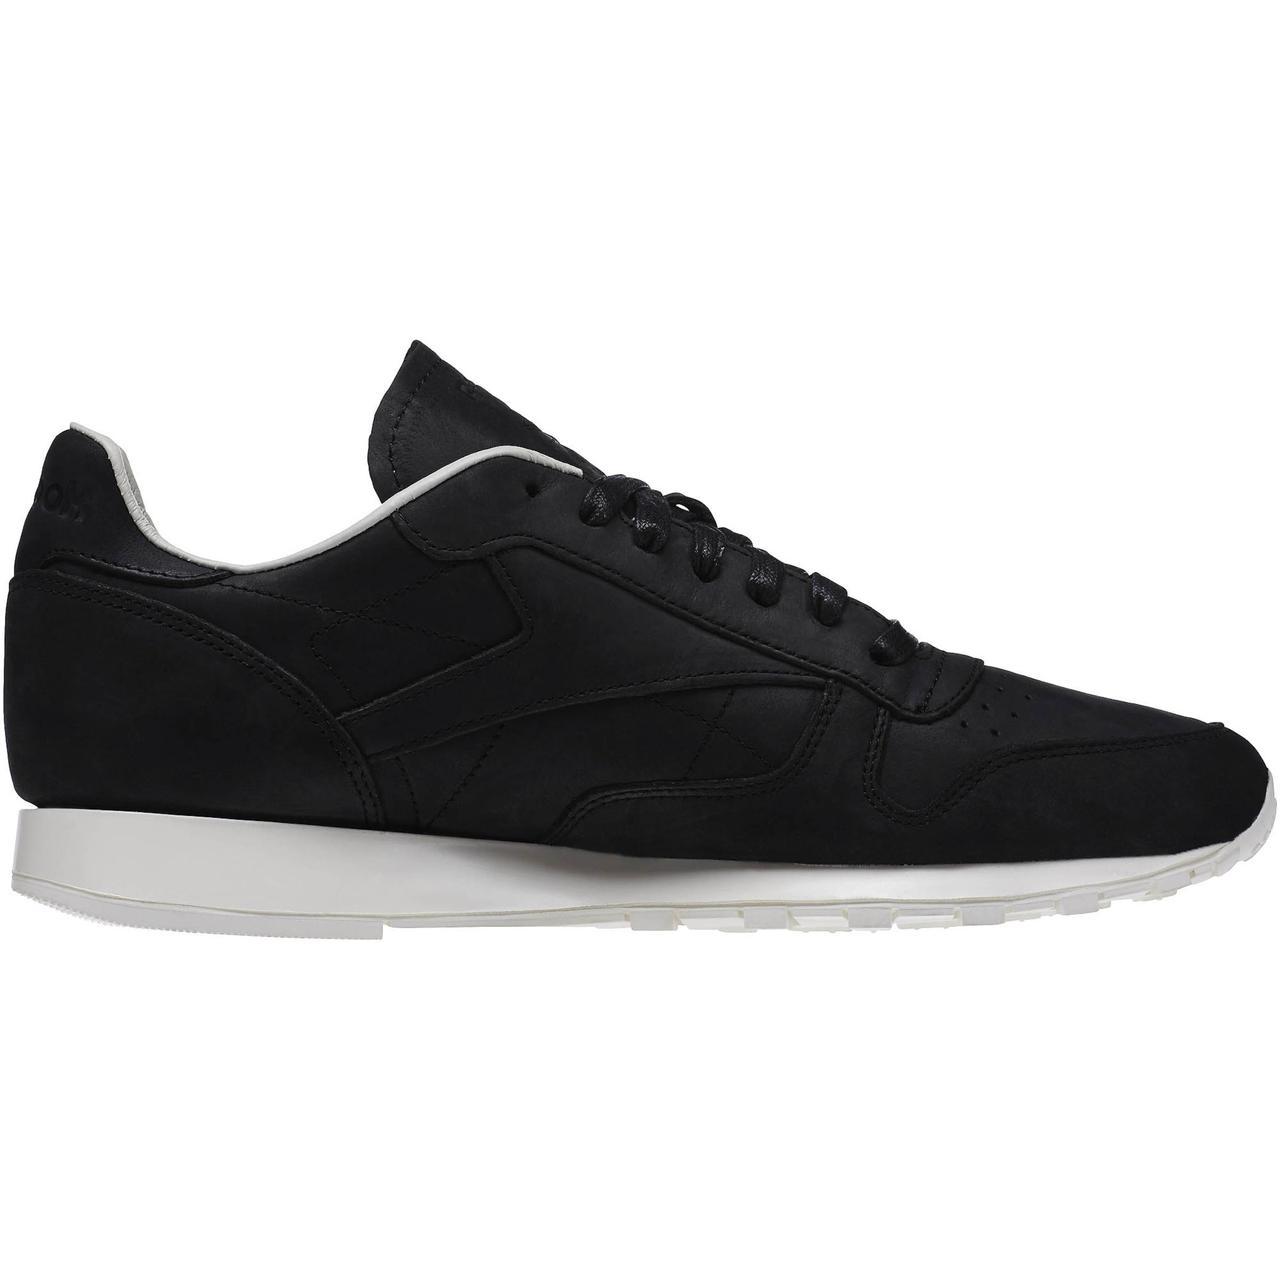 Мужские кроссовки Reebok Leather Lux PW V68685 - Интернет-магазин  спортивной одежды и обуви